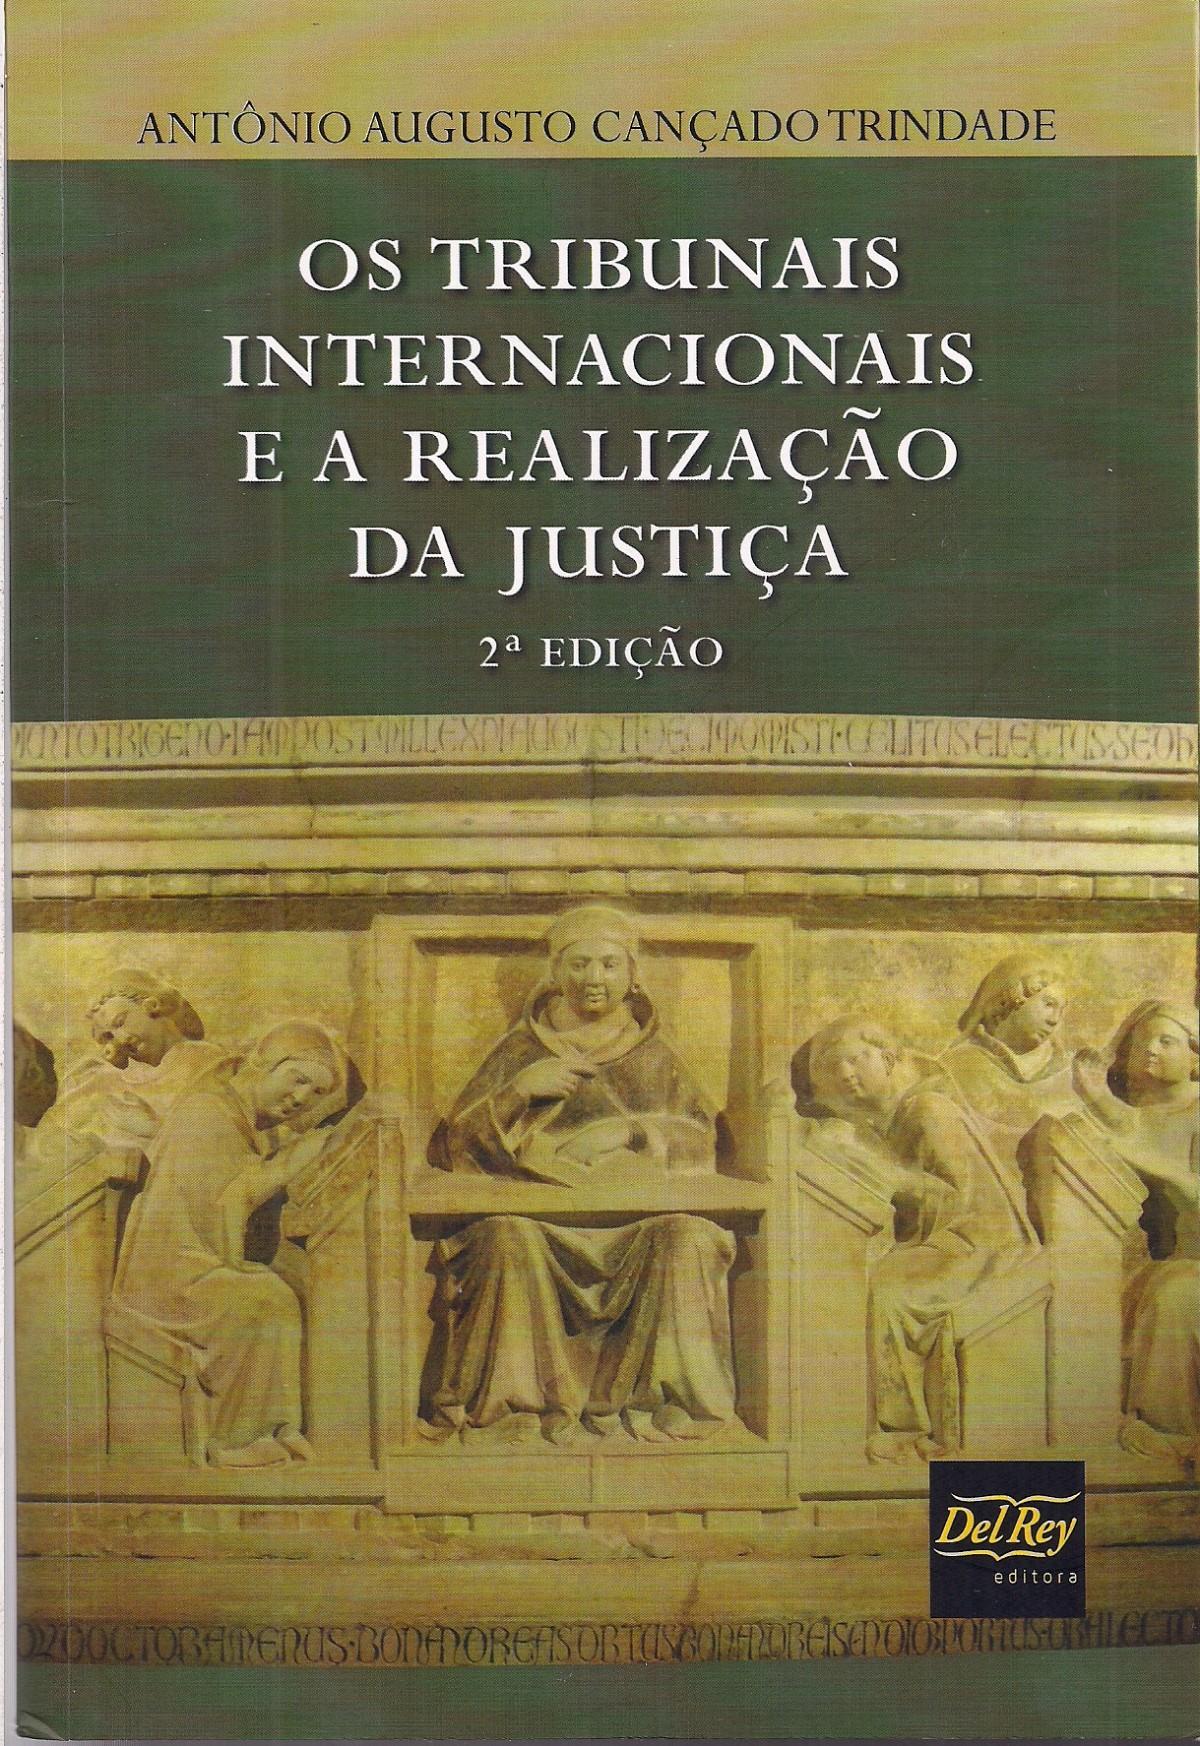 Foto 1 - Os Tribunais Internacionais e a Realização da Justiça